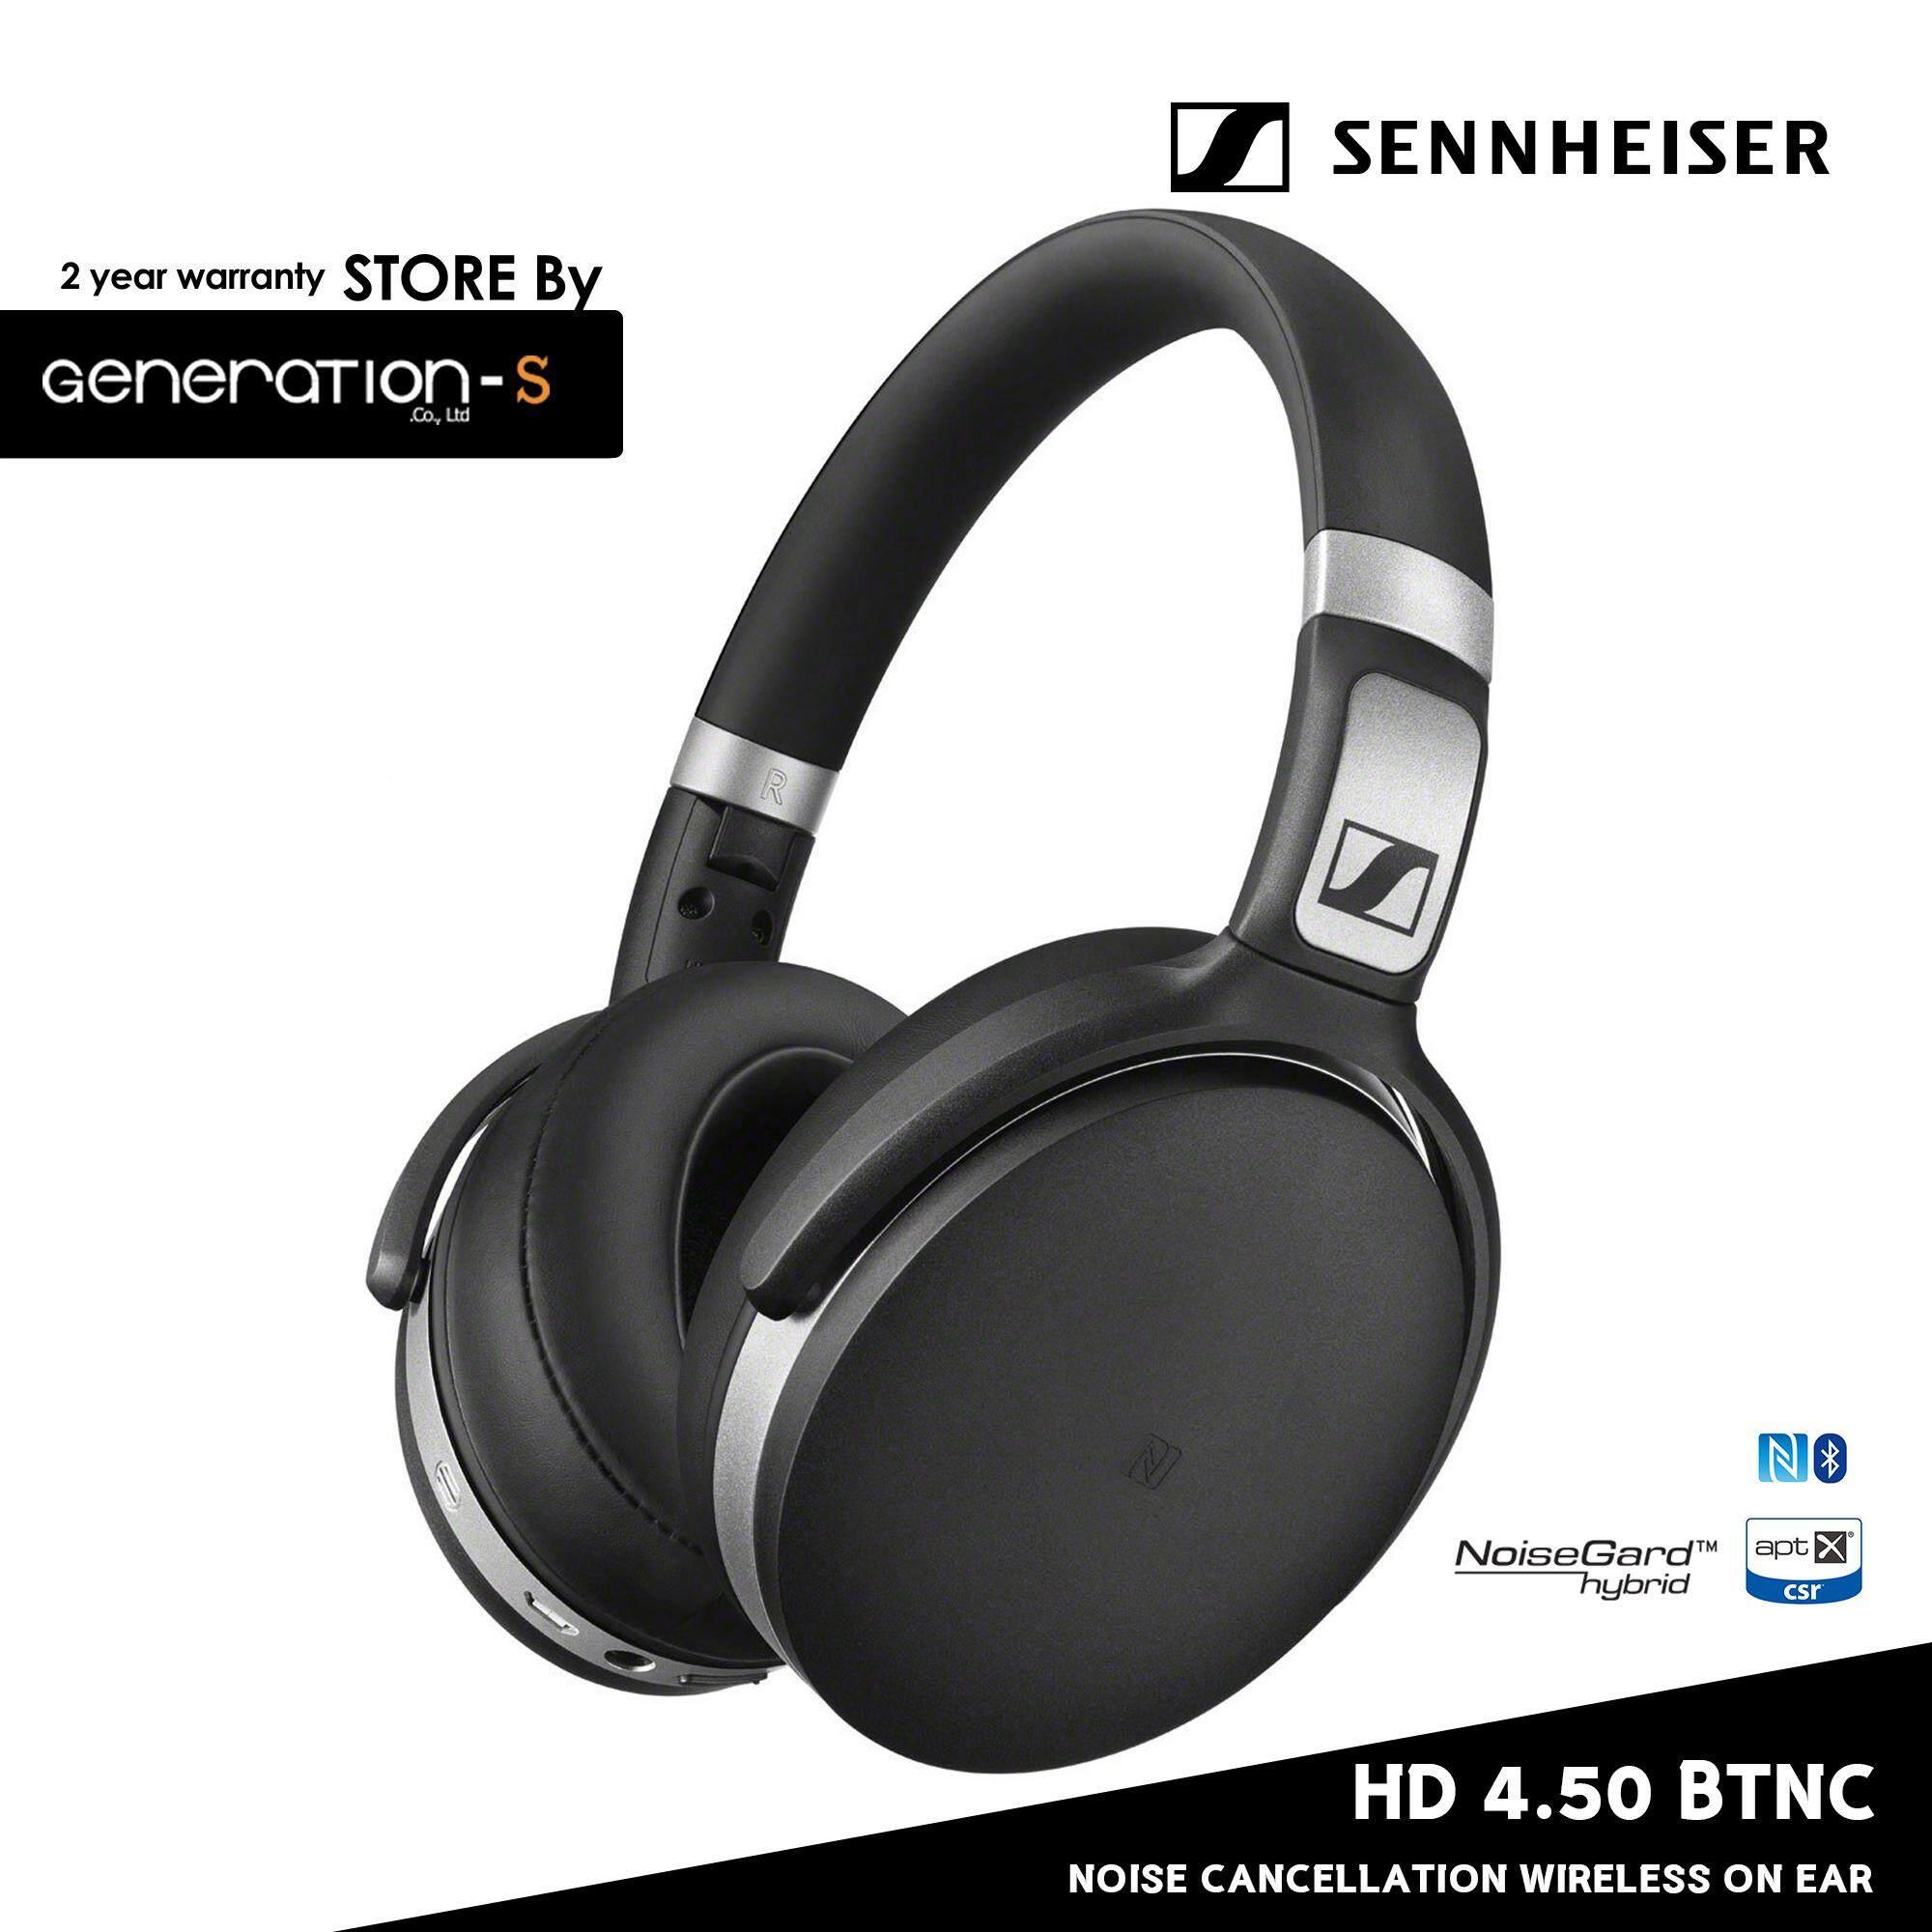 ส่วนลด Sennheiser หูฟัง Sennheiser Hd 4 50 Btnc Wireless Sennheiser ไทย